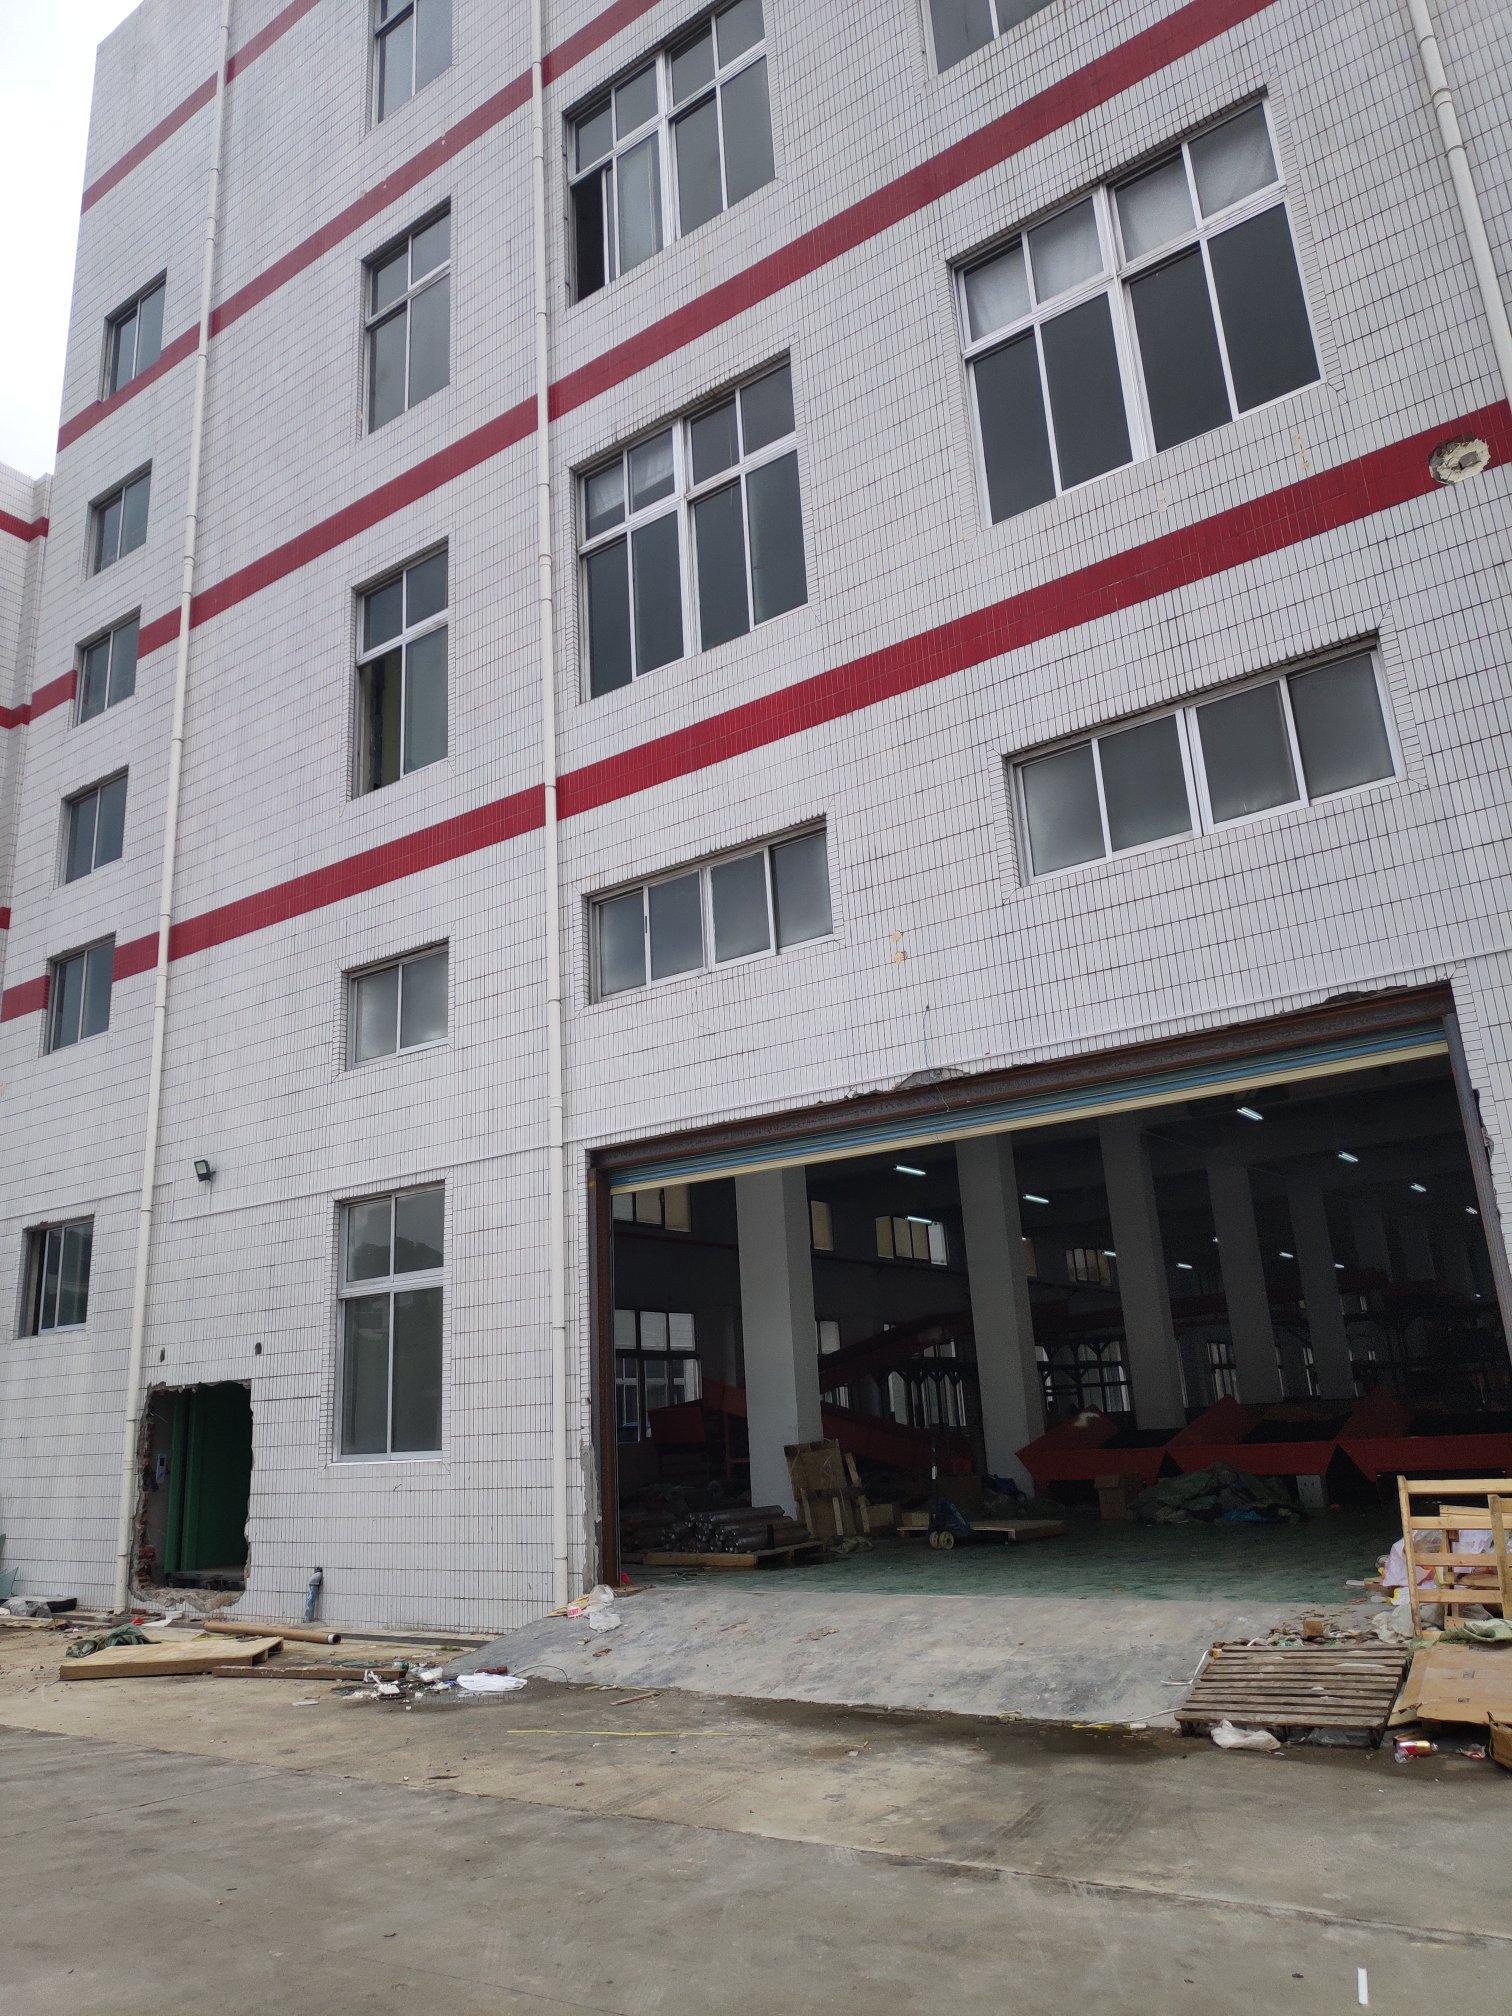 龙岗第一高一楼厂房仓库出租招租整租适合大货车重工行业